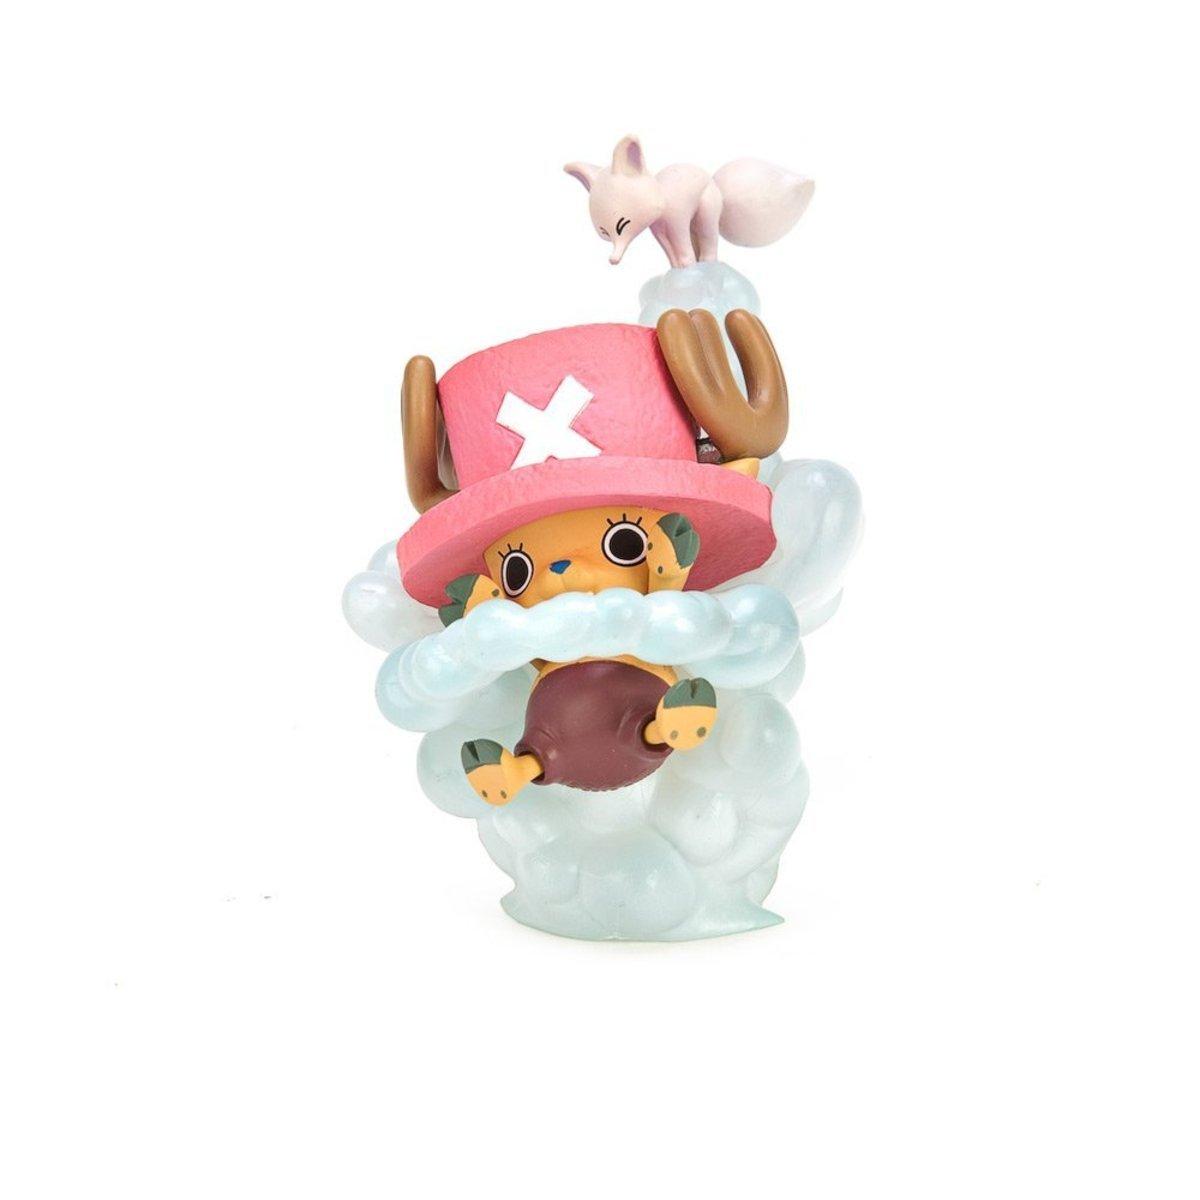 One Piece 海賊王 Theater Figure 喬巴大冒險 場景公仔